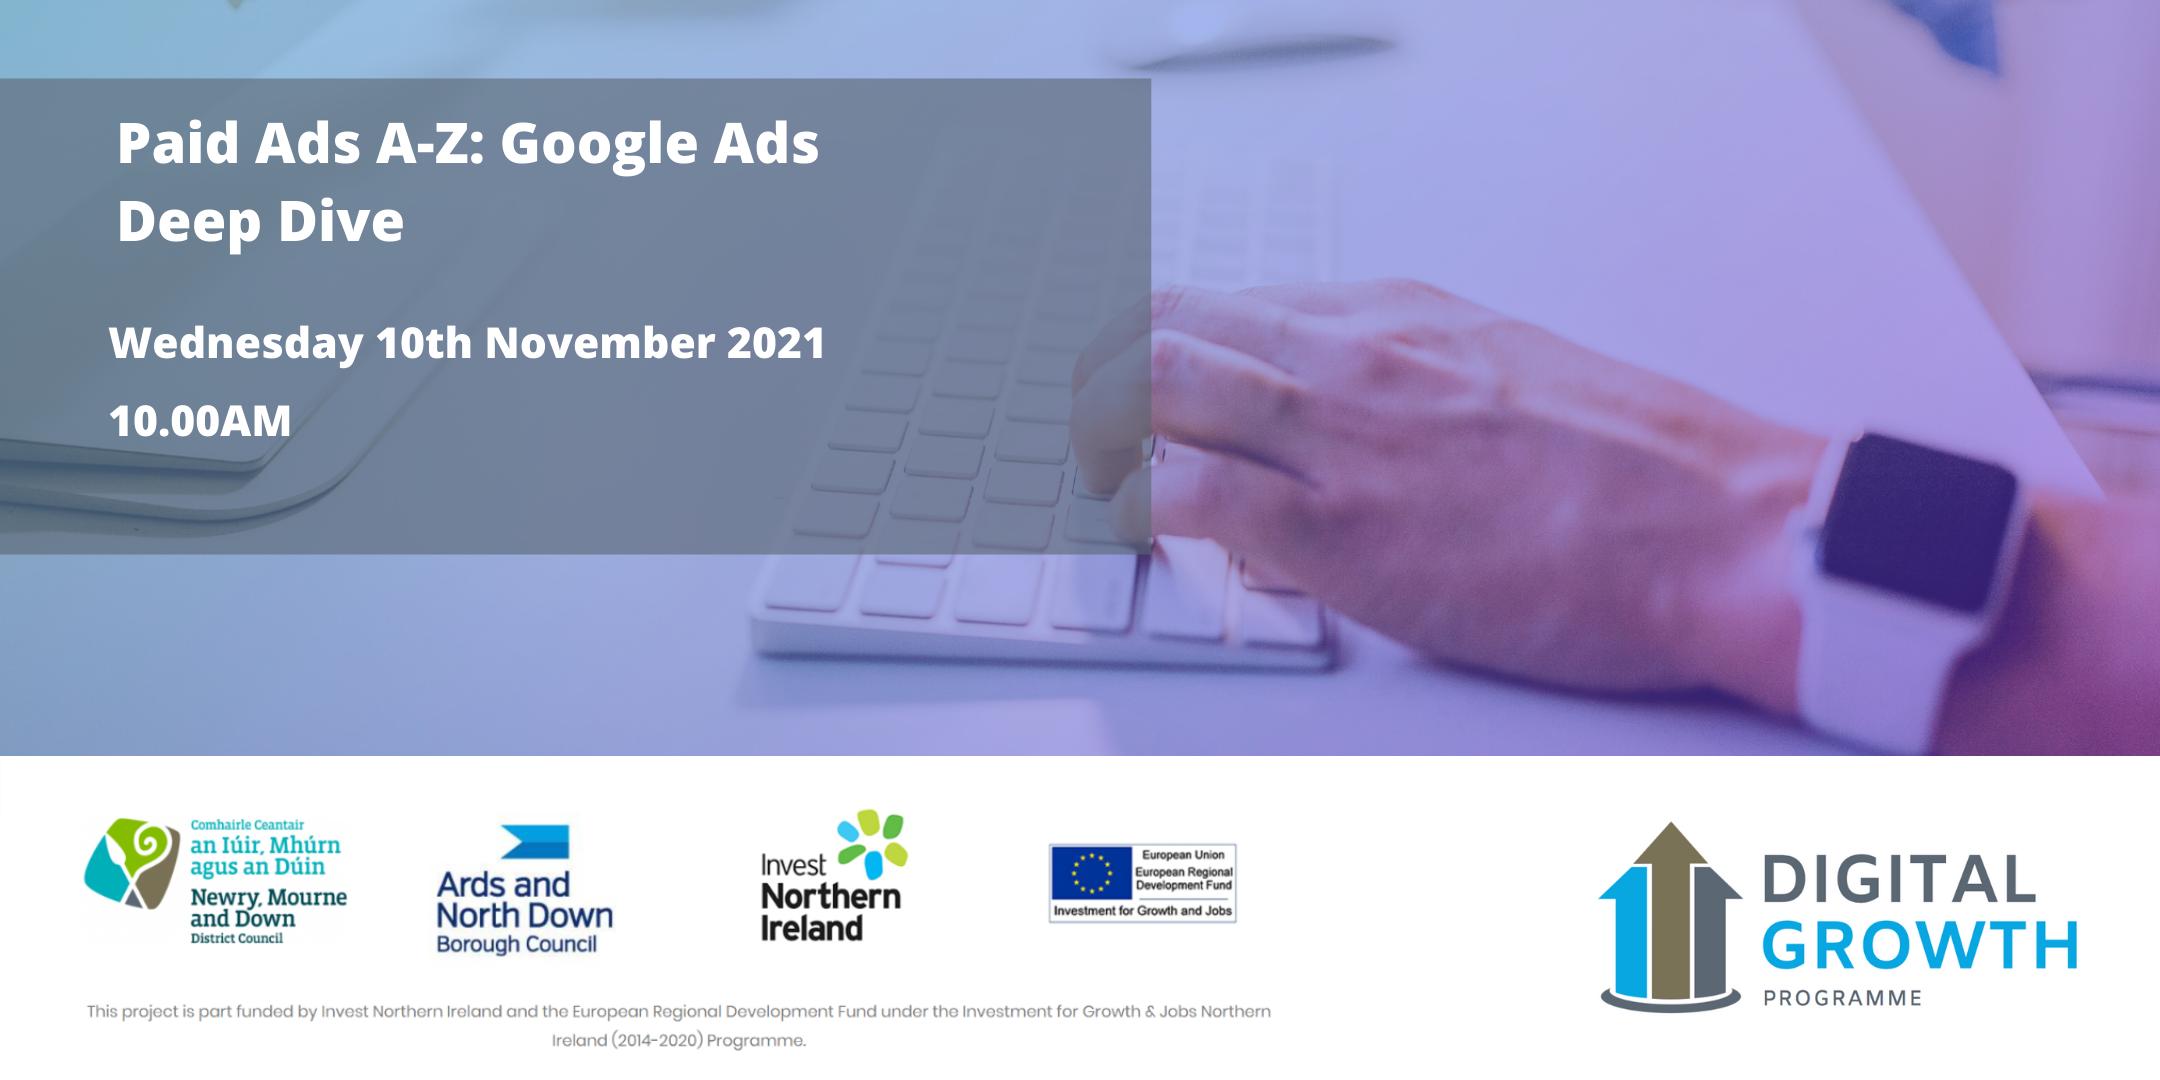 Paid Ads A-Z: Google Ads Deep Dive